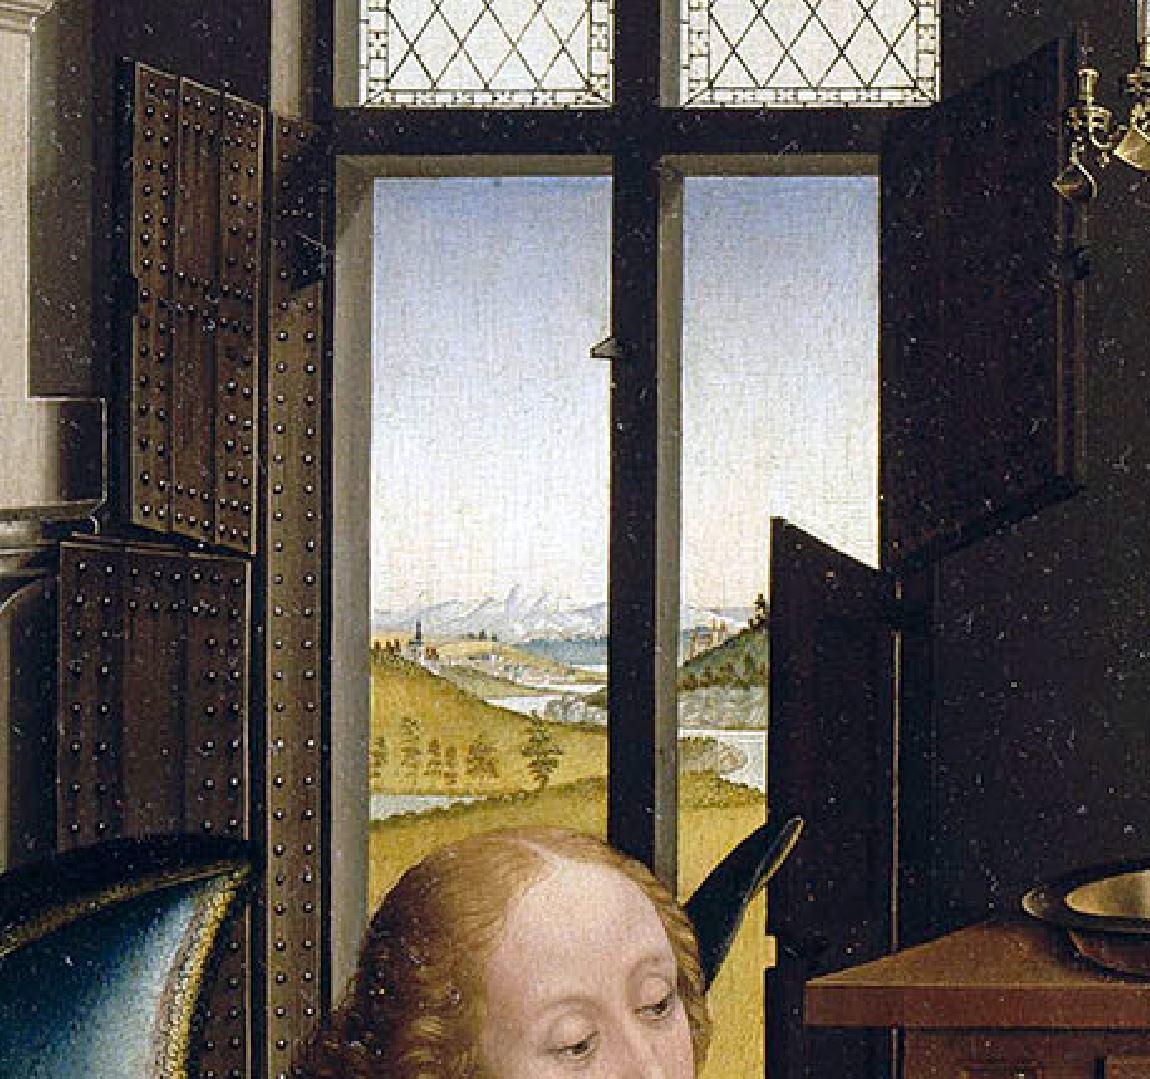 van der weyden 1434 ca annonciation Louvre detail volets